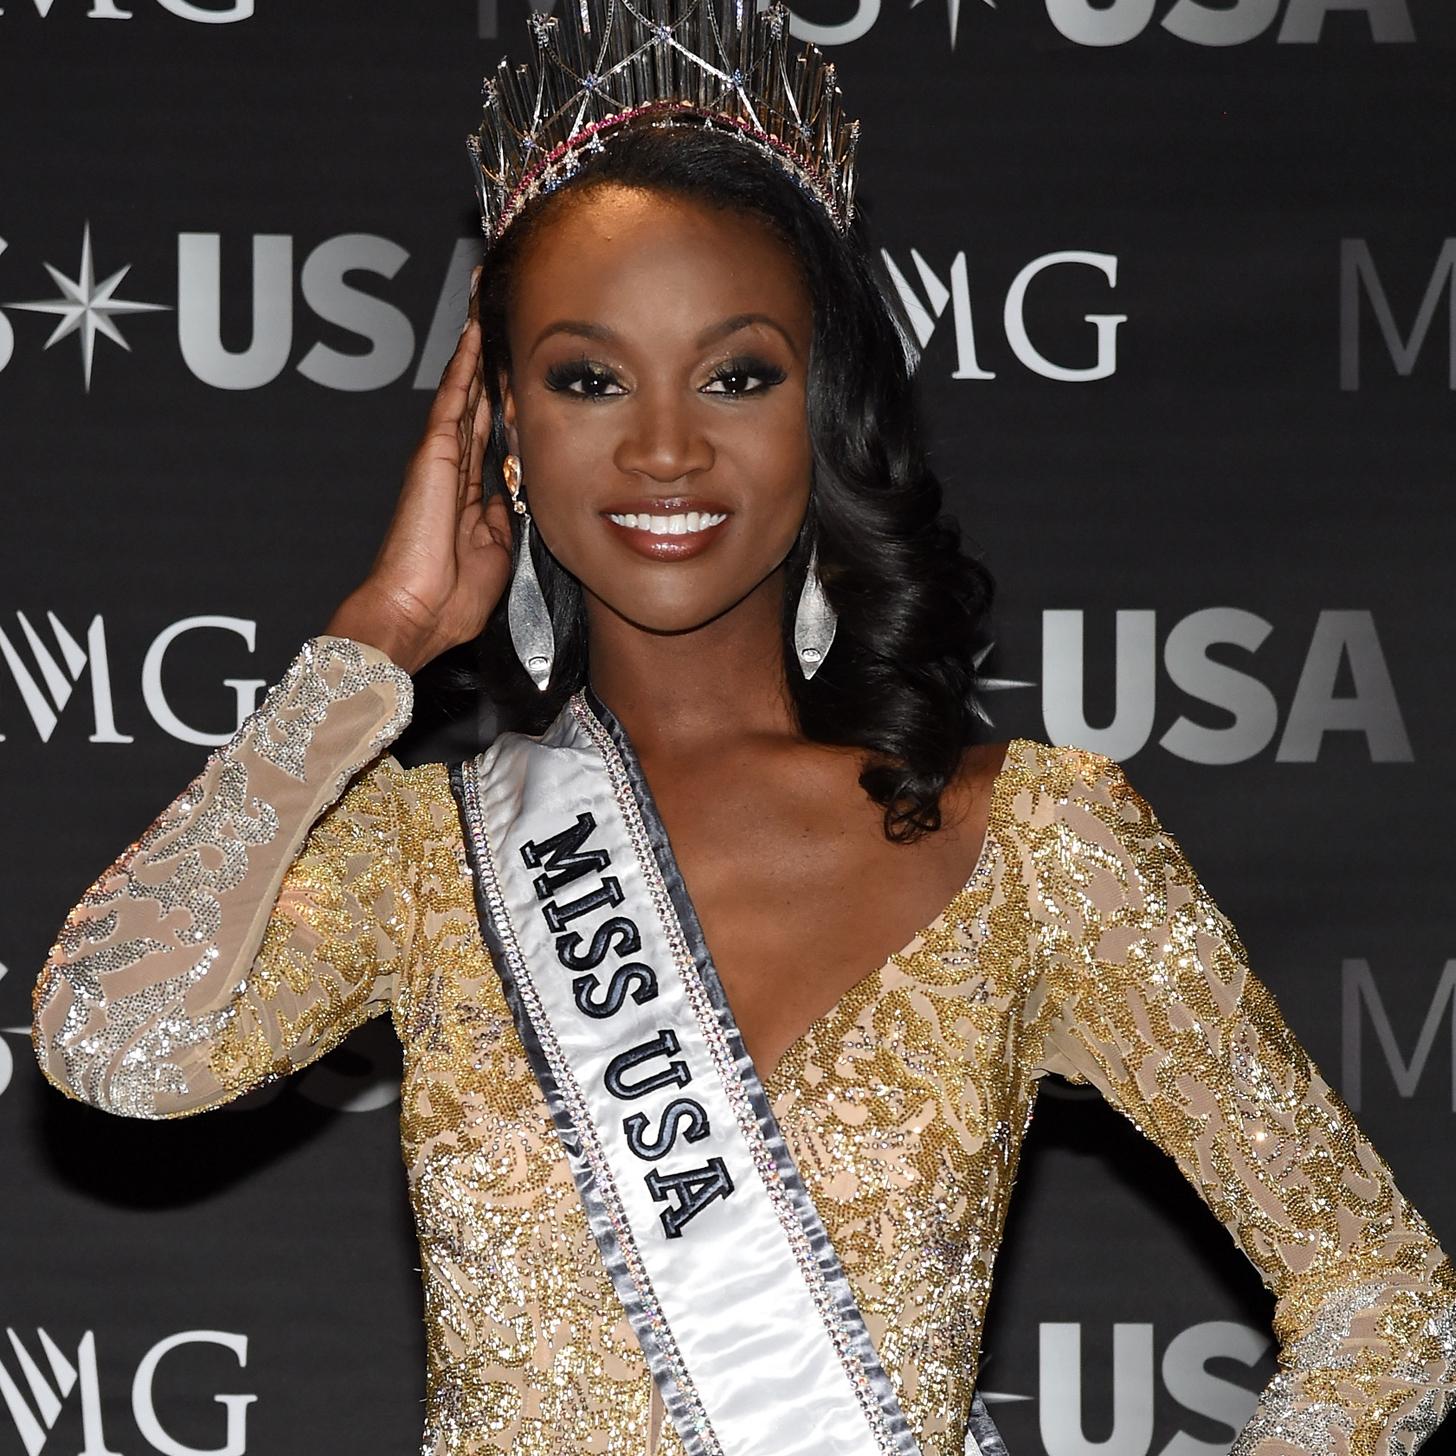 Miss distrito de columbia teen usa